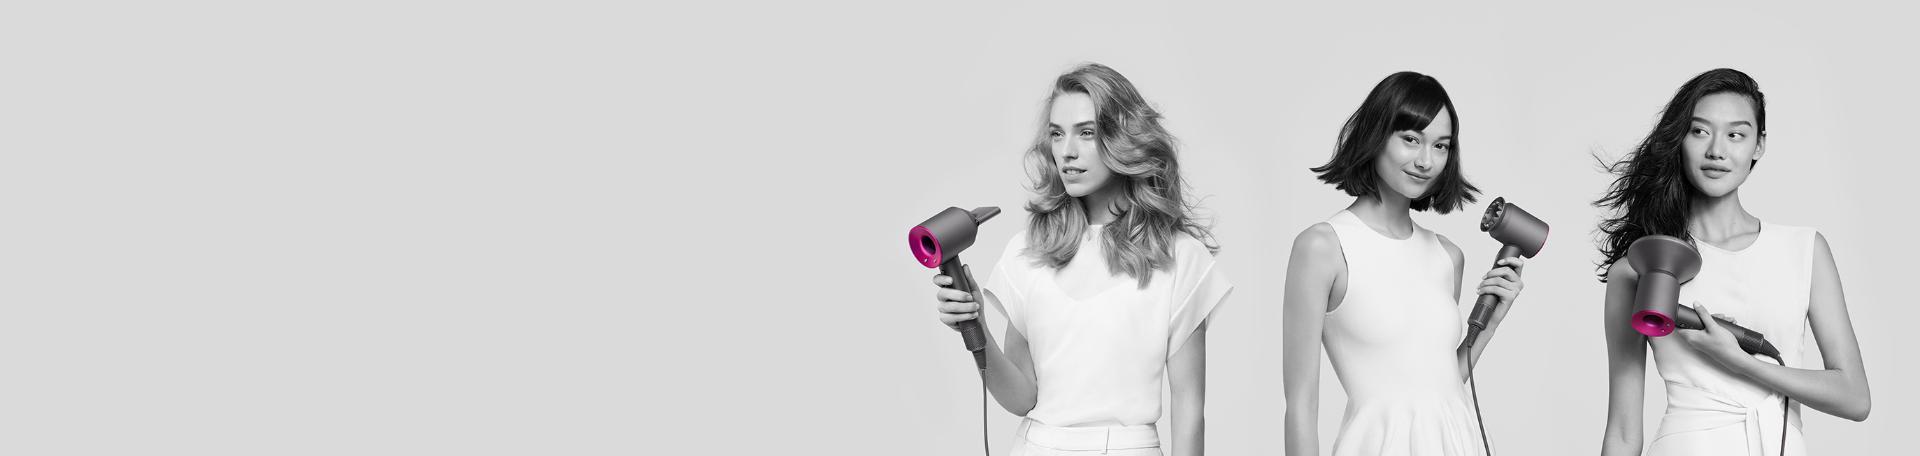 Trzy kobiety używające Dyson Supersonic do stylizacji różnych rodzajów włosów